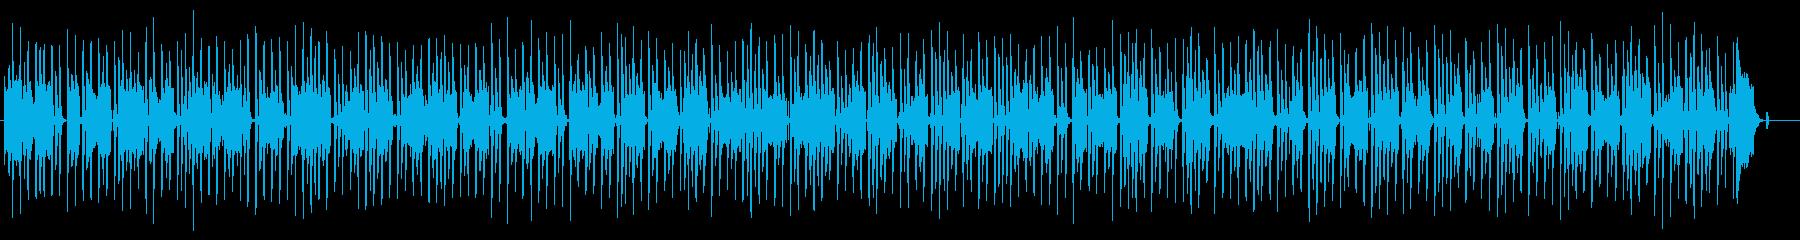 メロトロンとピアノによる哀愁ポルカの再生済みの波形